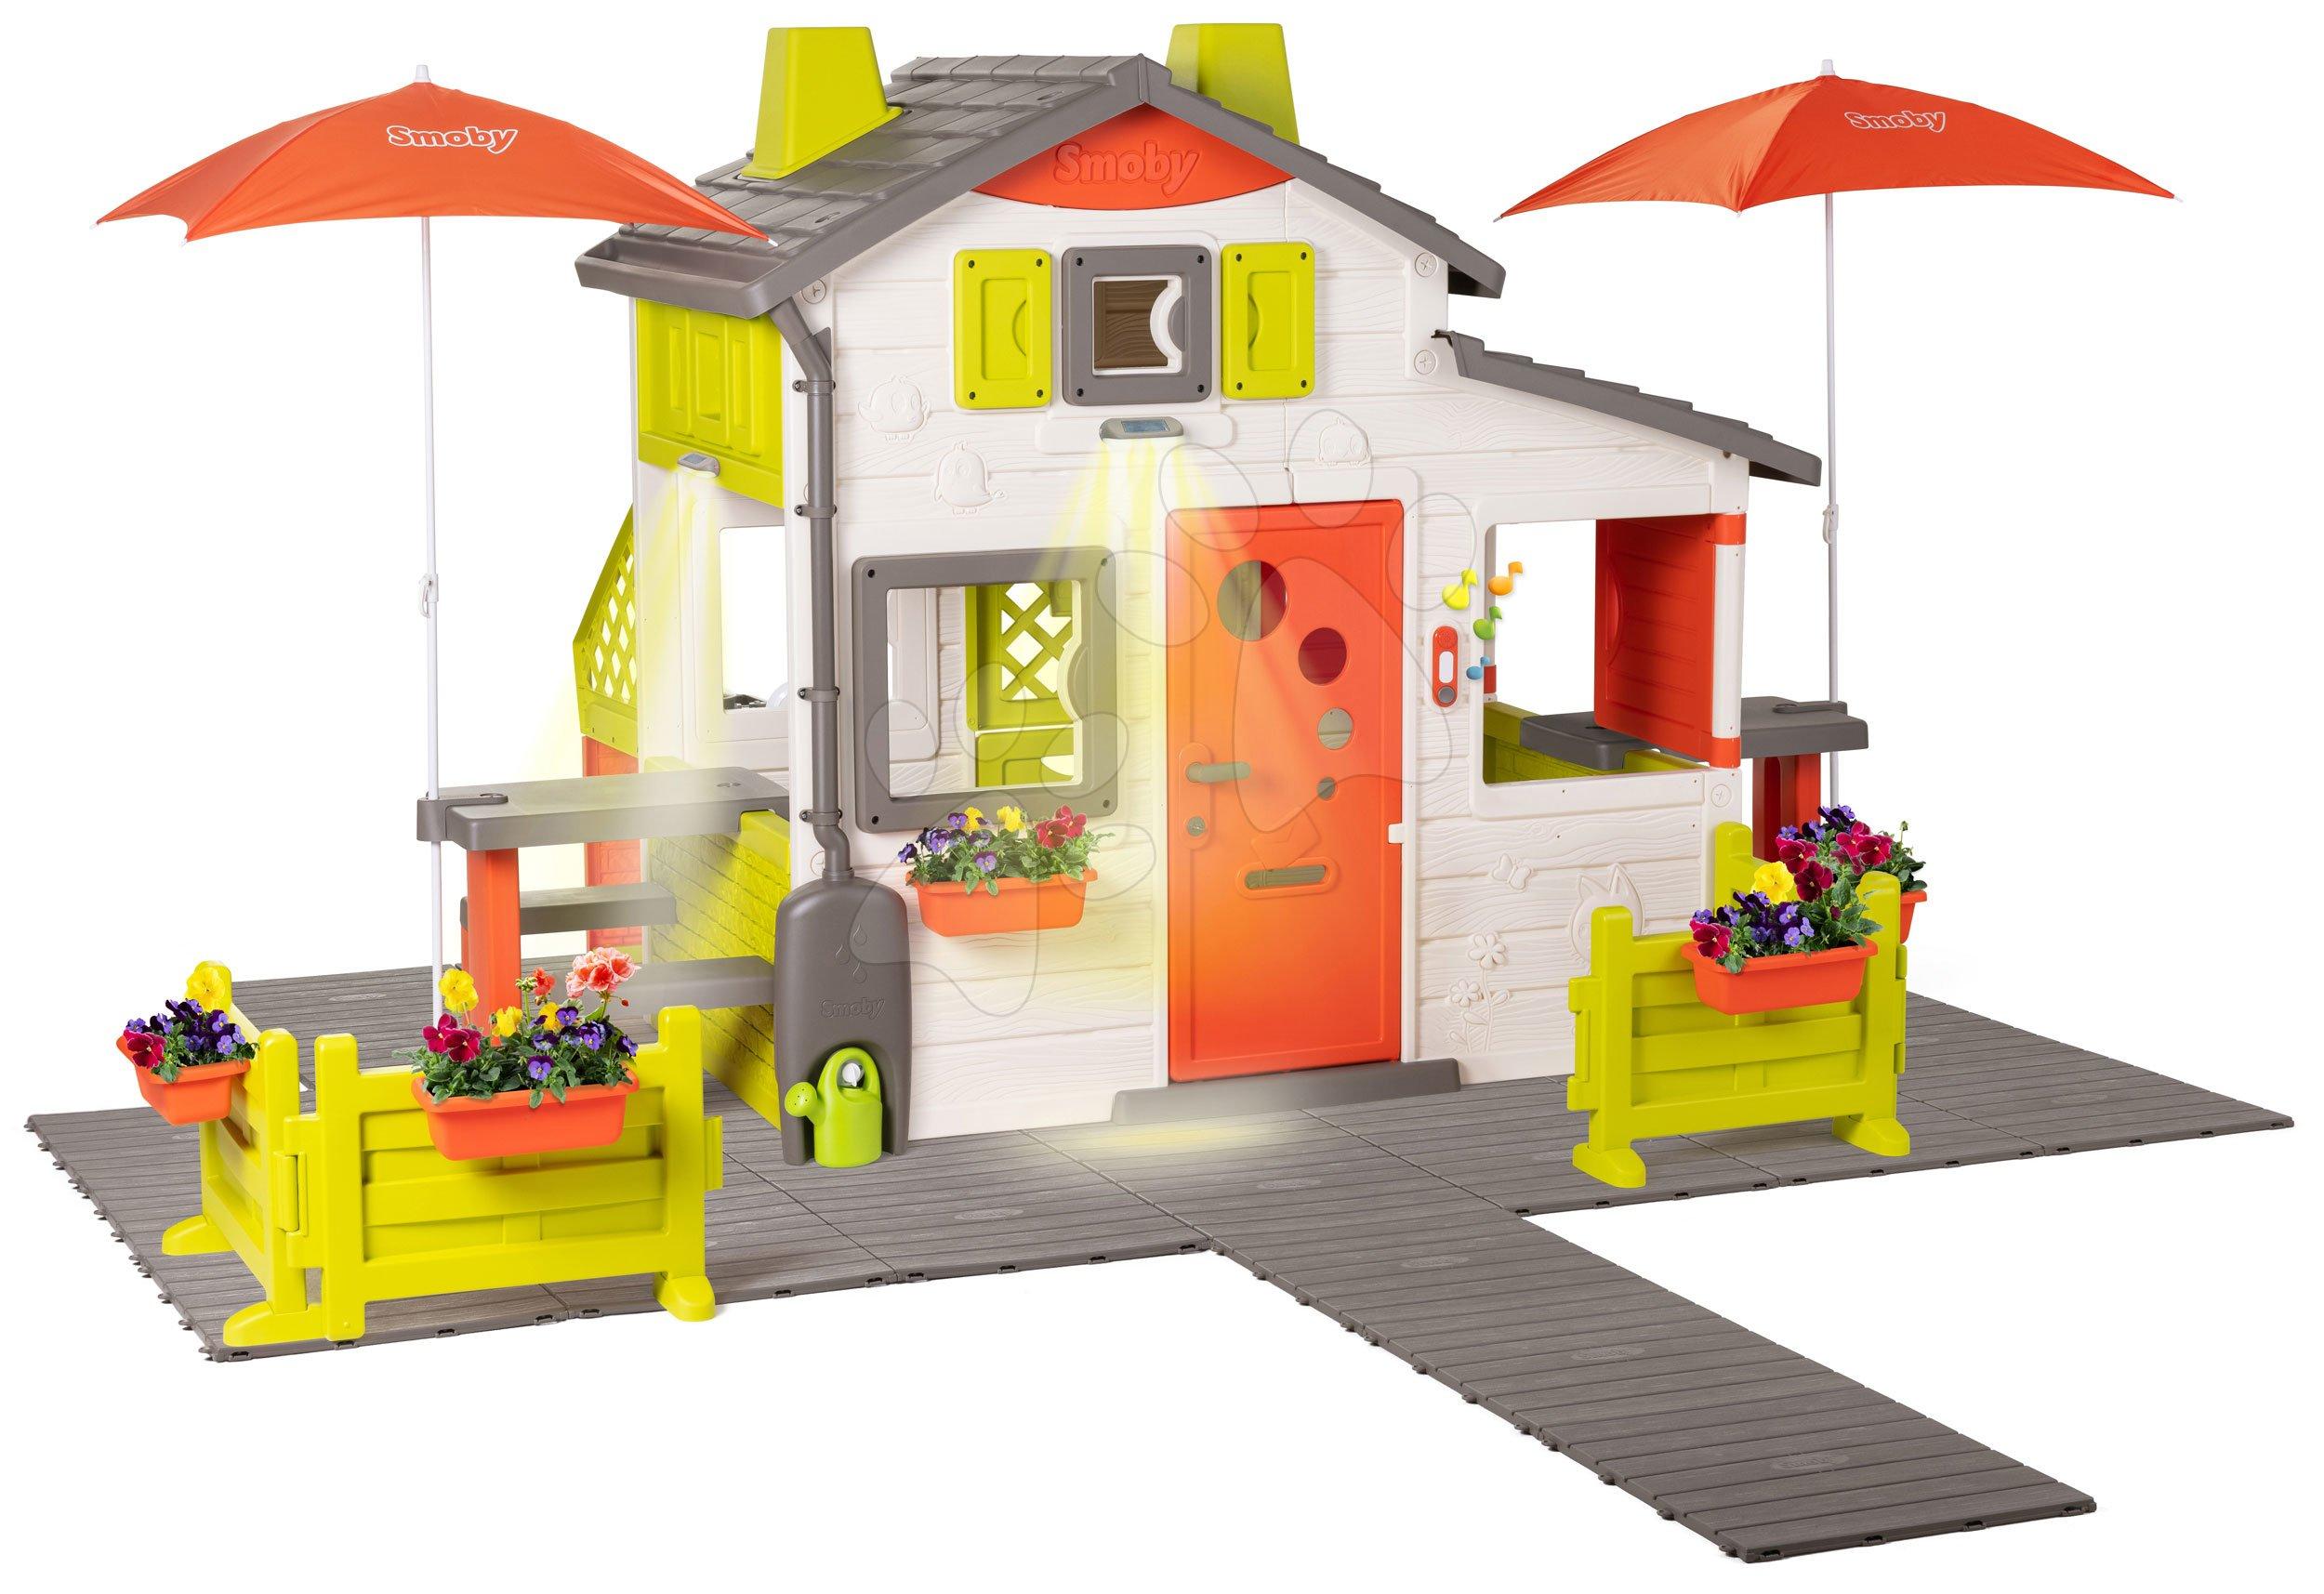 Domček Neo Friends House DeLuxe Smoby s dvoma posedeniami a zadnou kuchynkou